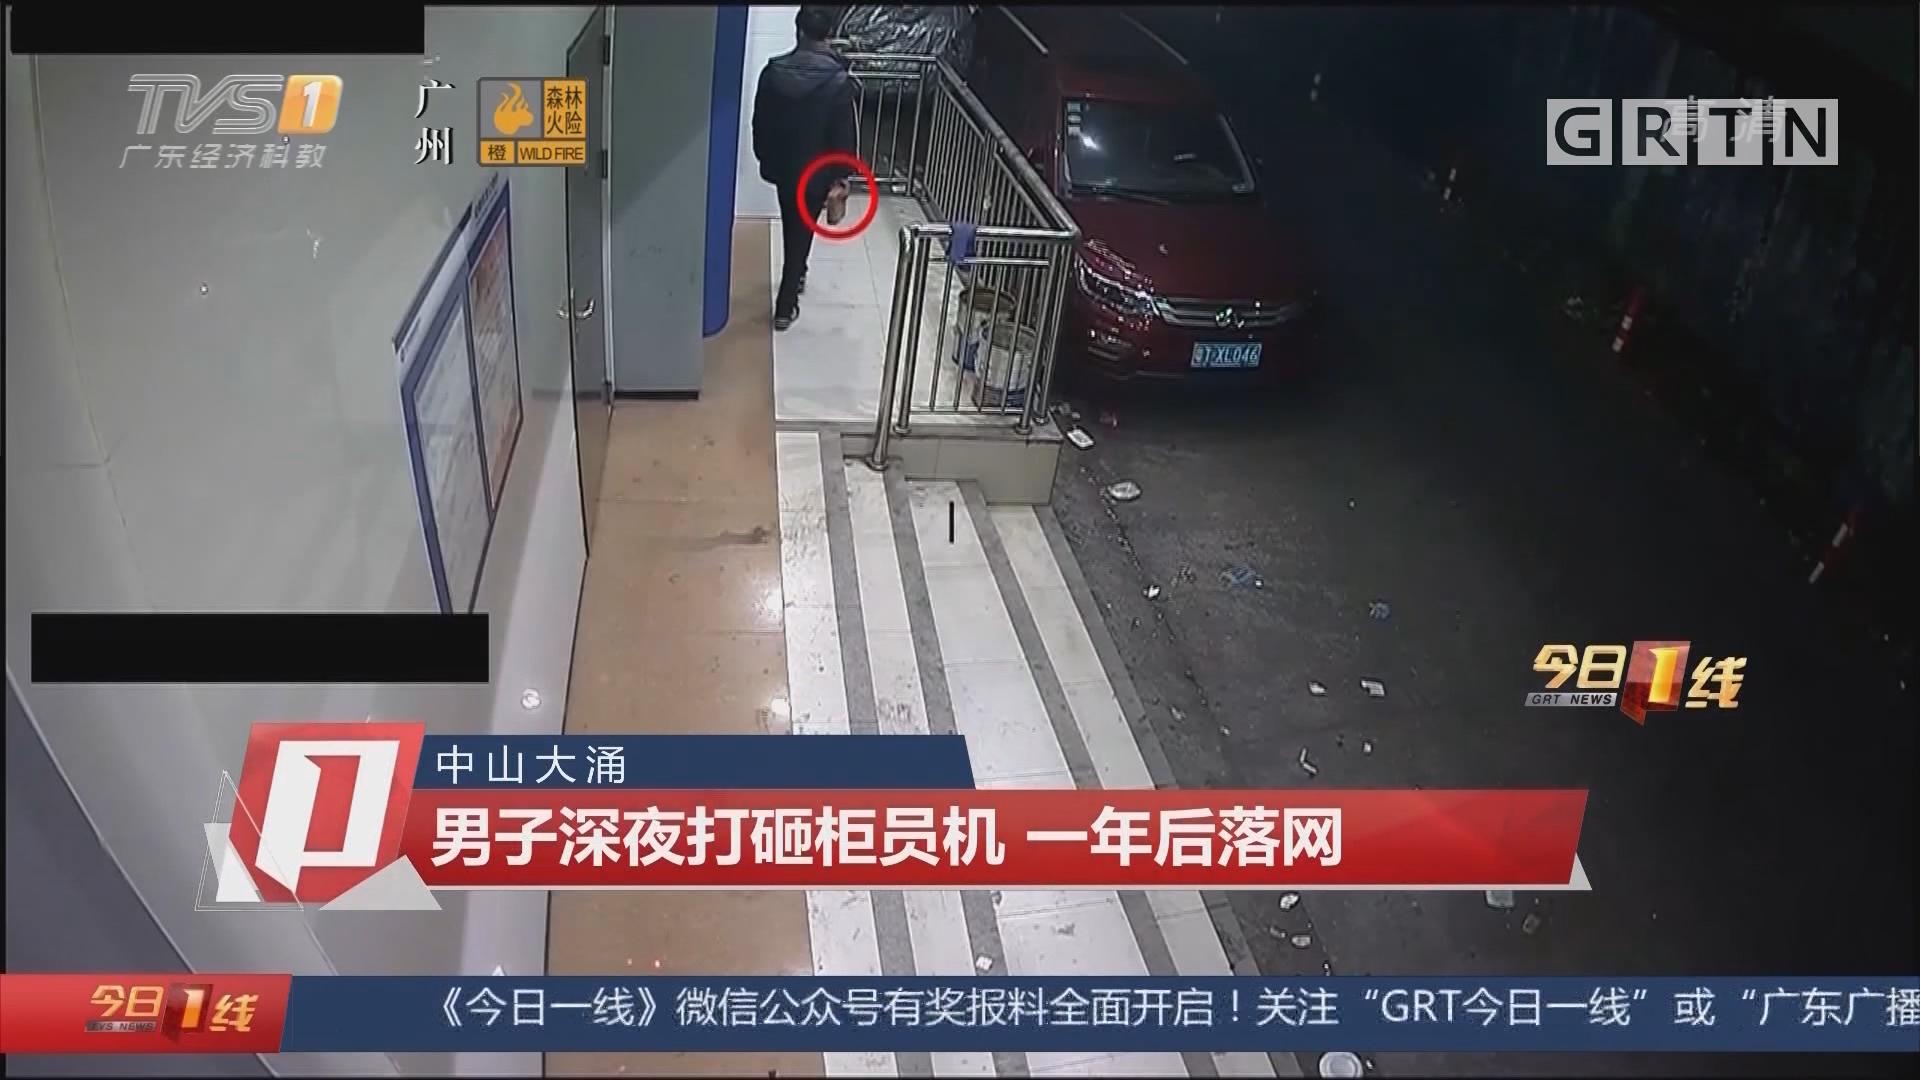 中山大涌:男子深夜打砸柜员机 一年后落网